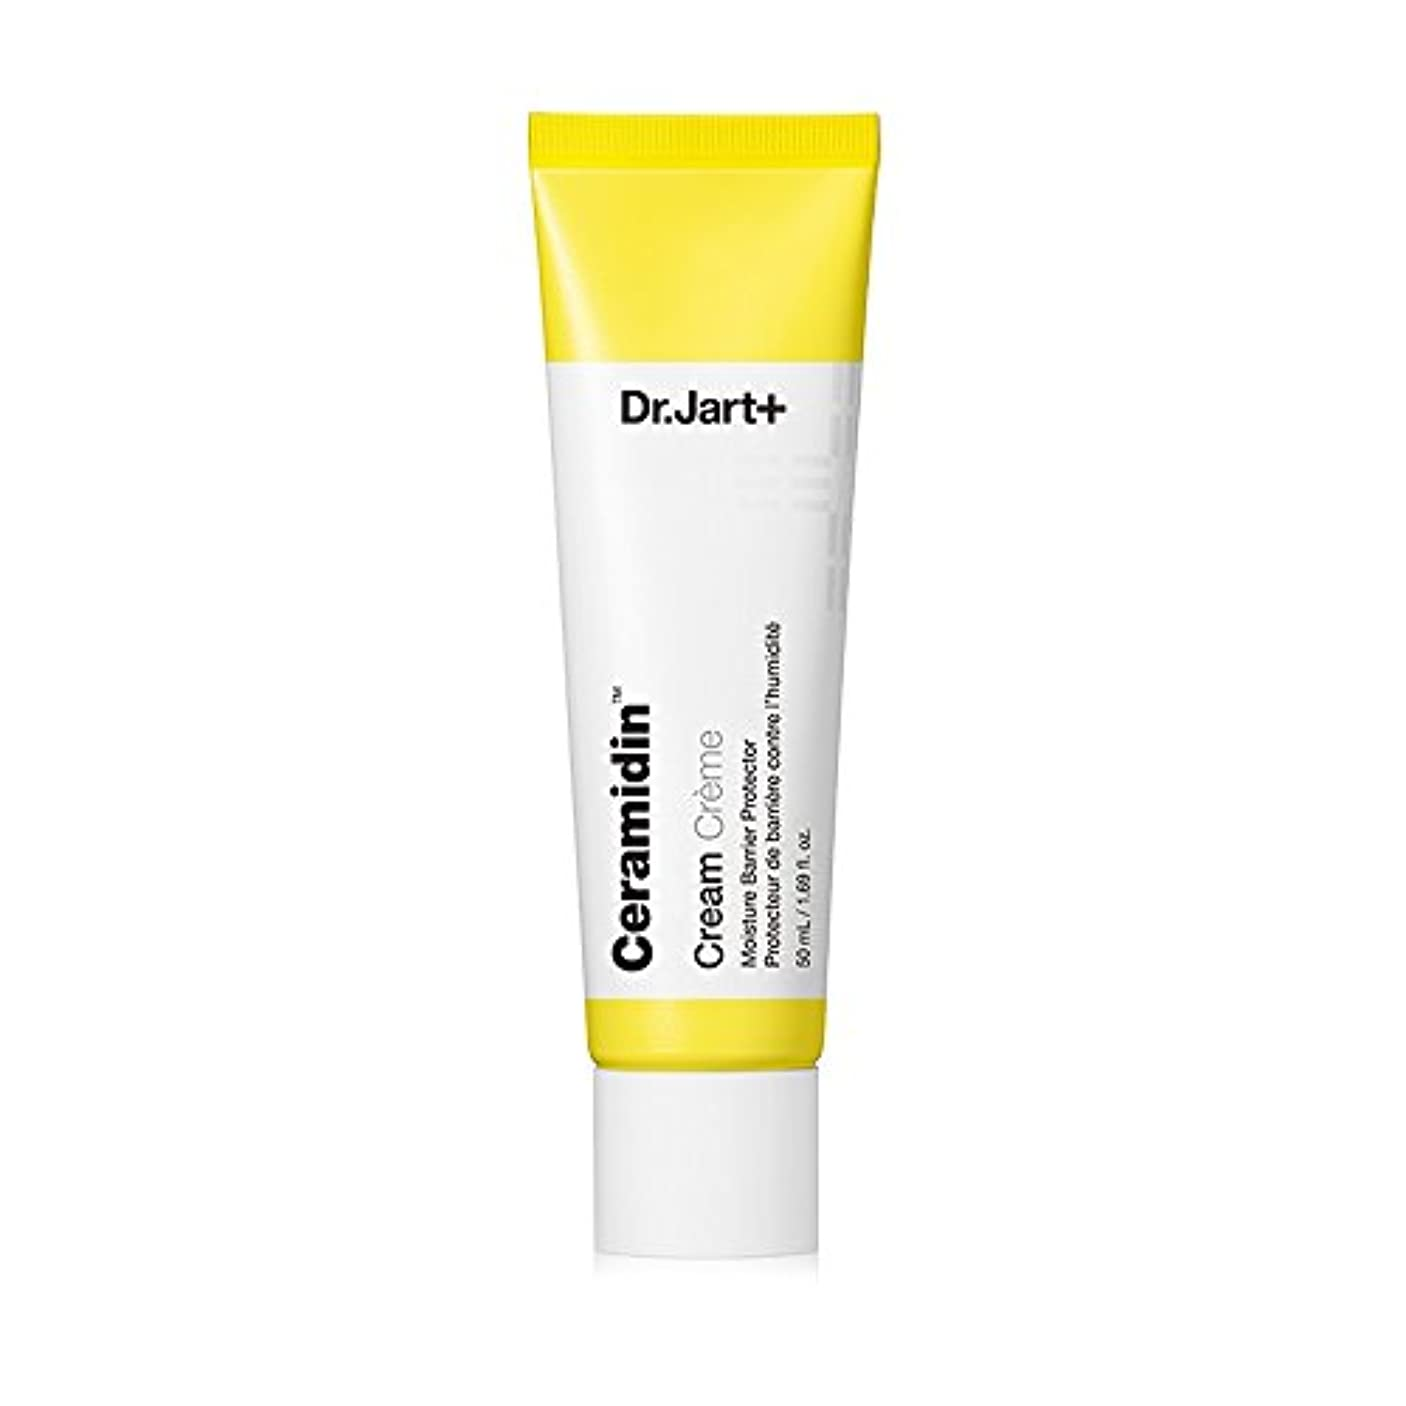 メドレー熟達したエクスタシー[Dr.jart + New Ceramidin Cream 50ml] ドクタージャルトニューセラミーディン クリーム50ml